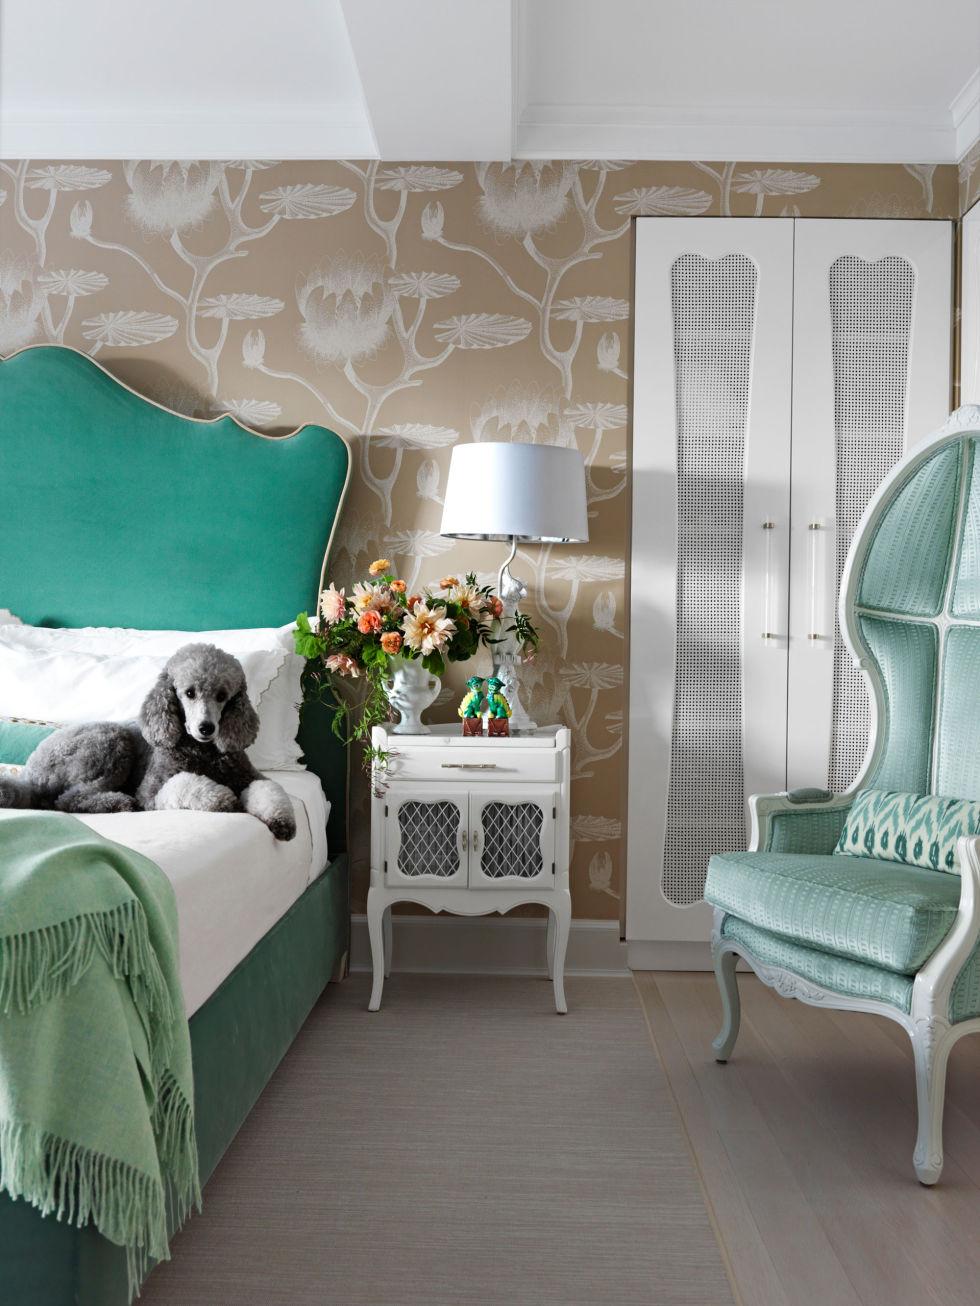 Polsterbett - Ein Bett, das viele Bedürfnisse entspricht